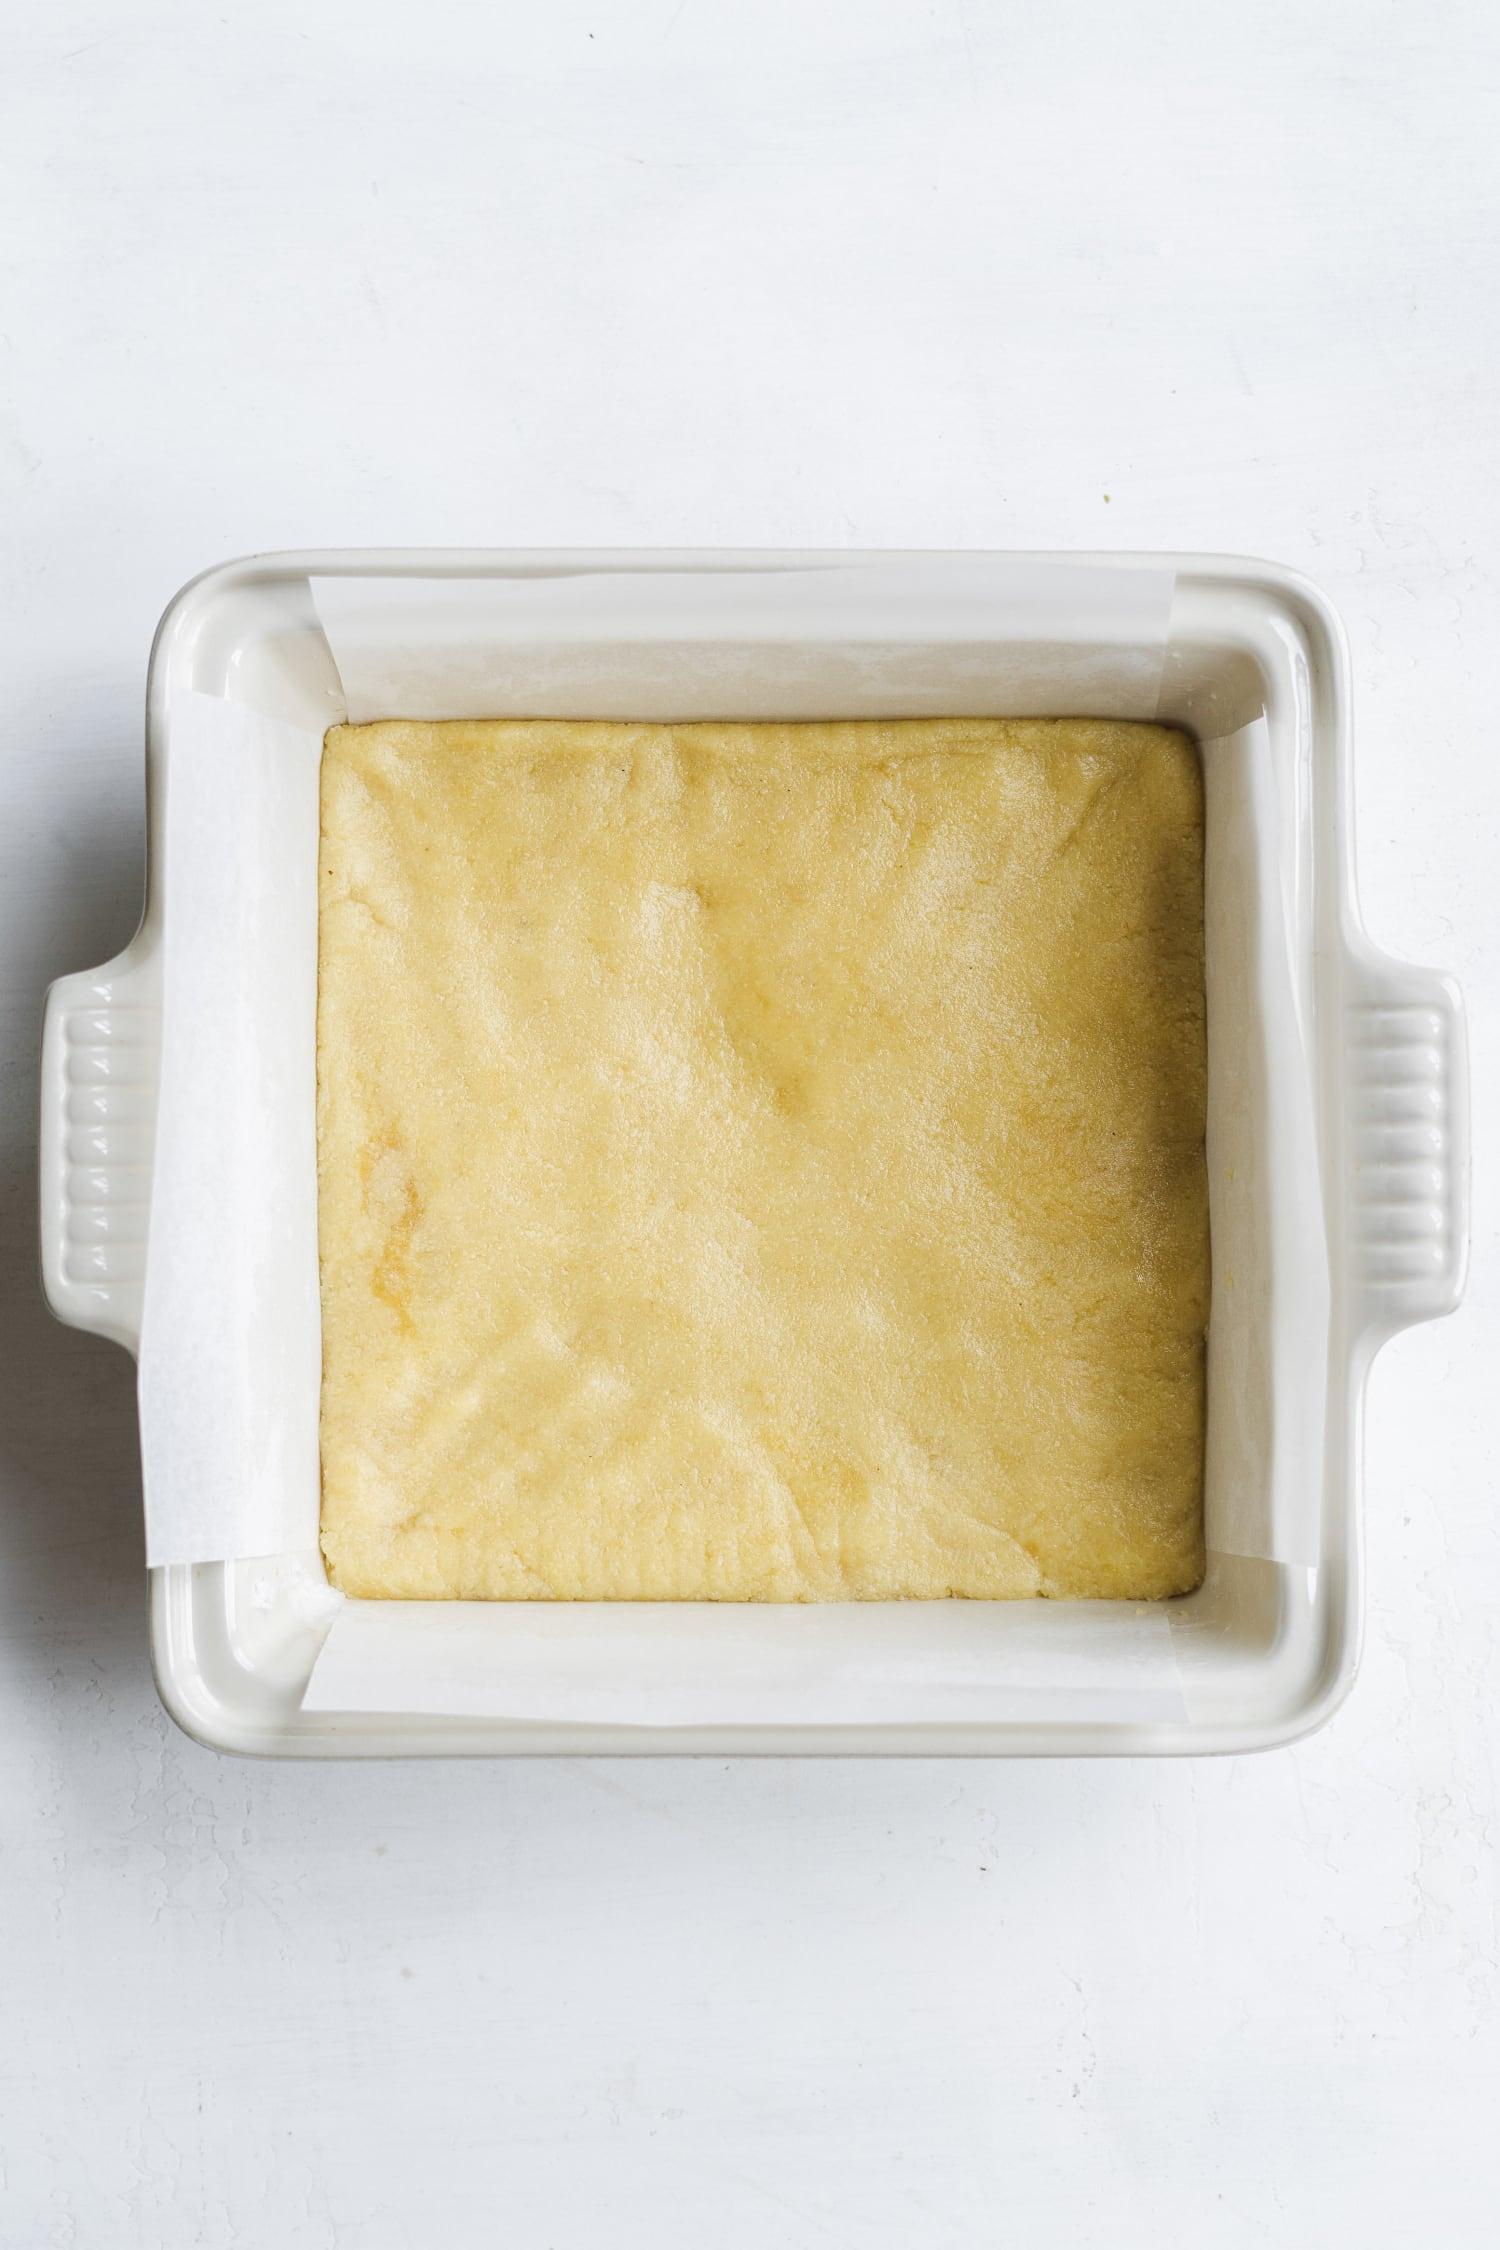 shortbread crust for lemon bars